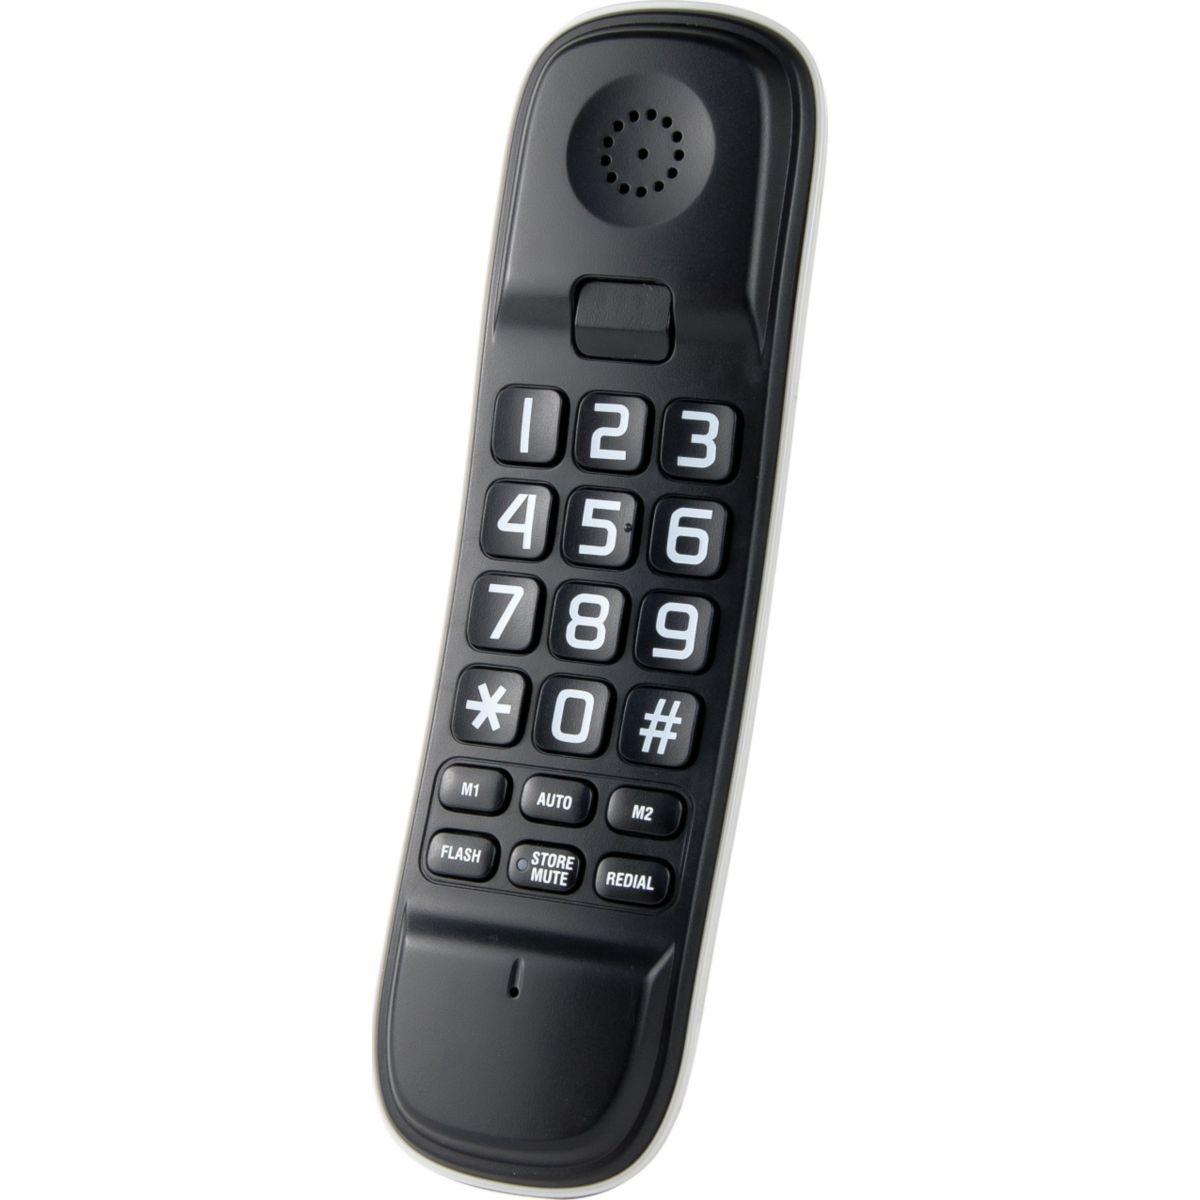 Téléphone filaire logicom l210 noir - 2% de remise immédiate avec le code : cool2 (photo)